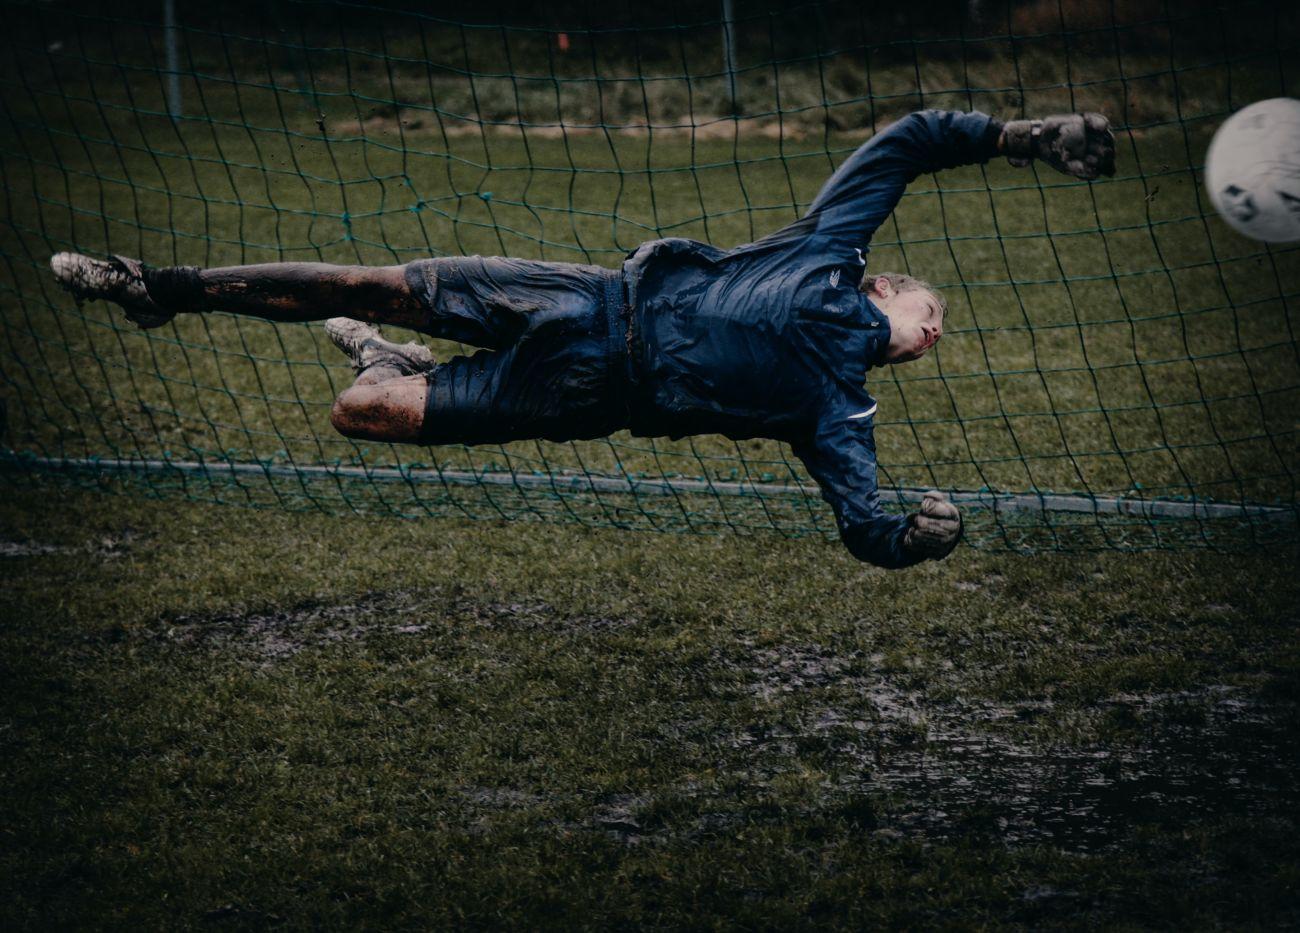 análisis del mercado del fútbol